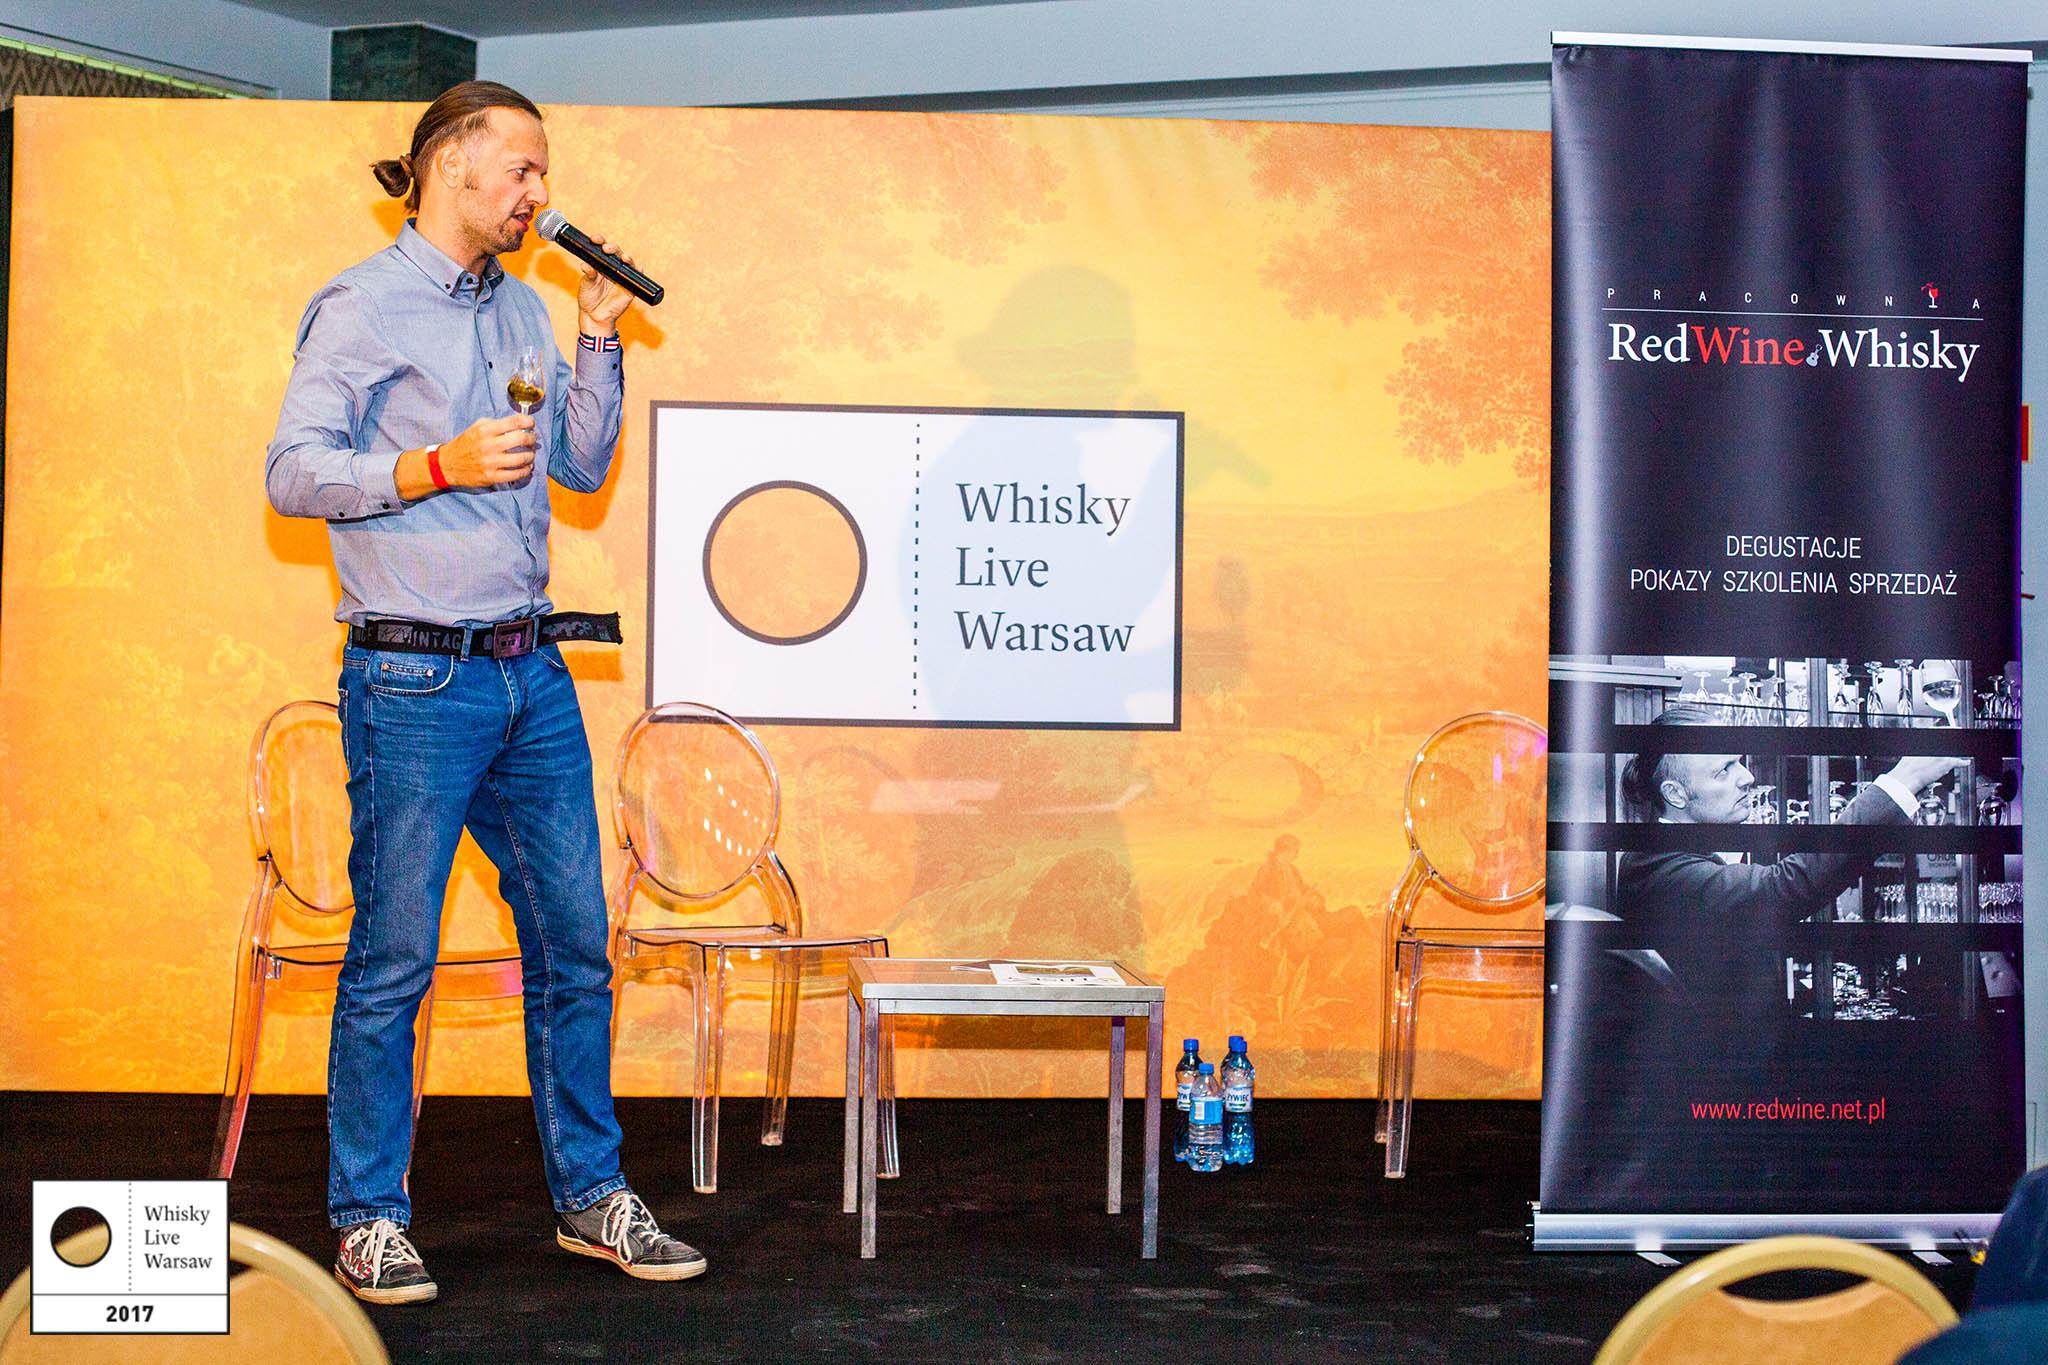 Pracownia Red Wine and Whisky - dziękujemy, polecamy!